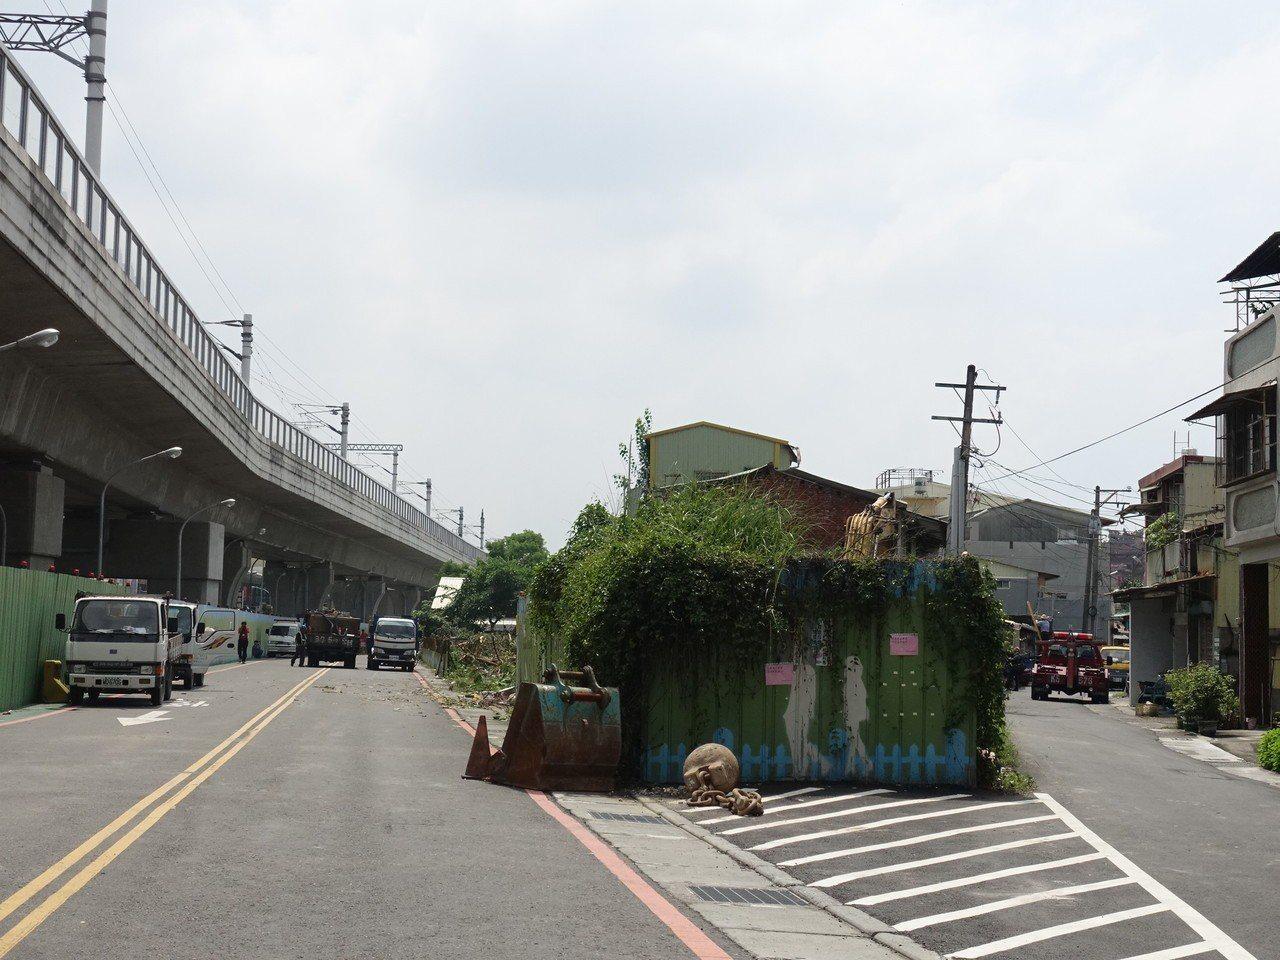 屏東火車站後方的公勇路拓寬工程,因住戶抗爭而受阻。記者翁禎霞/攝影